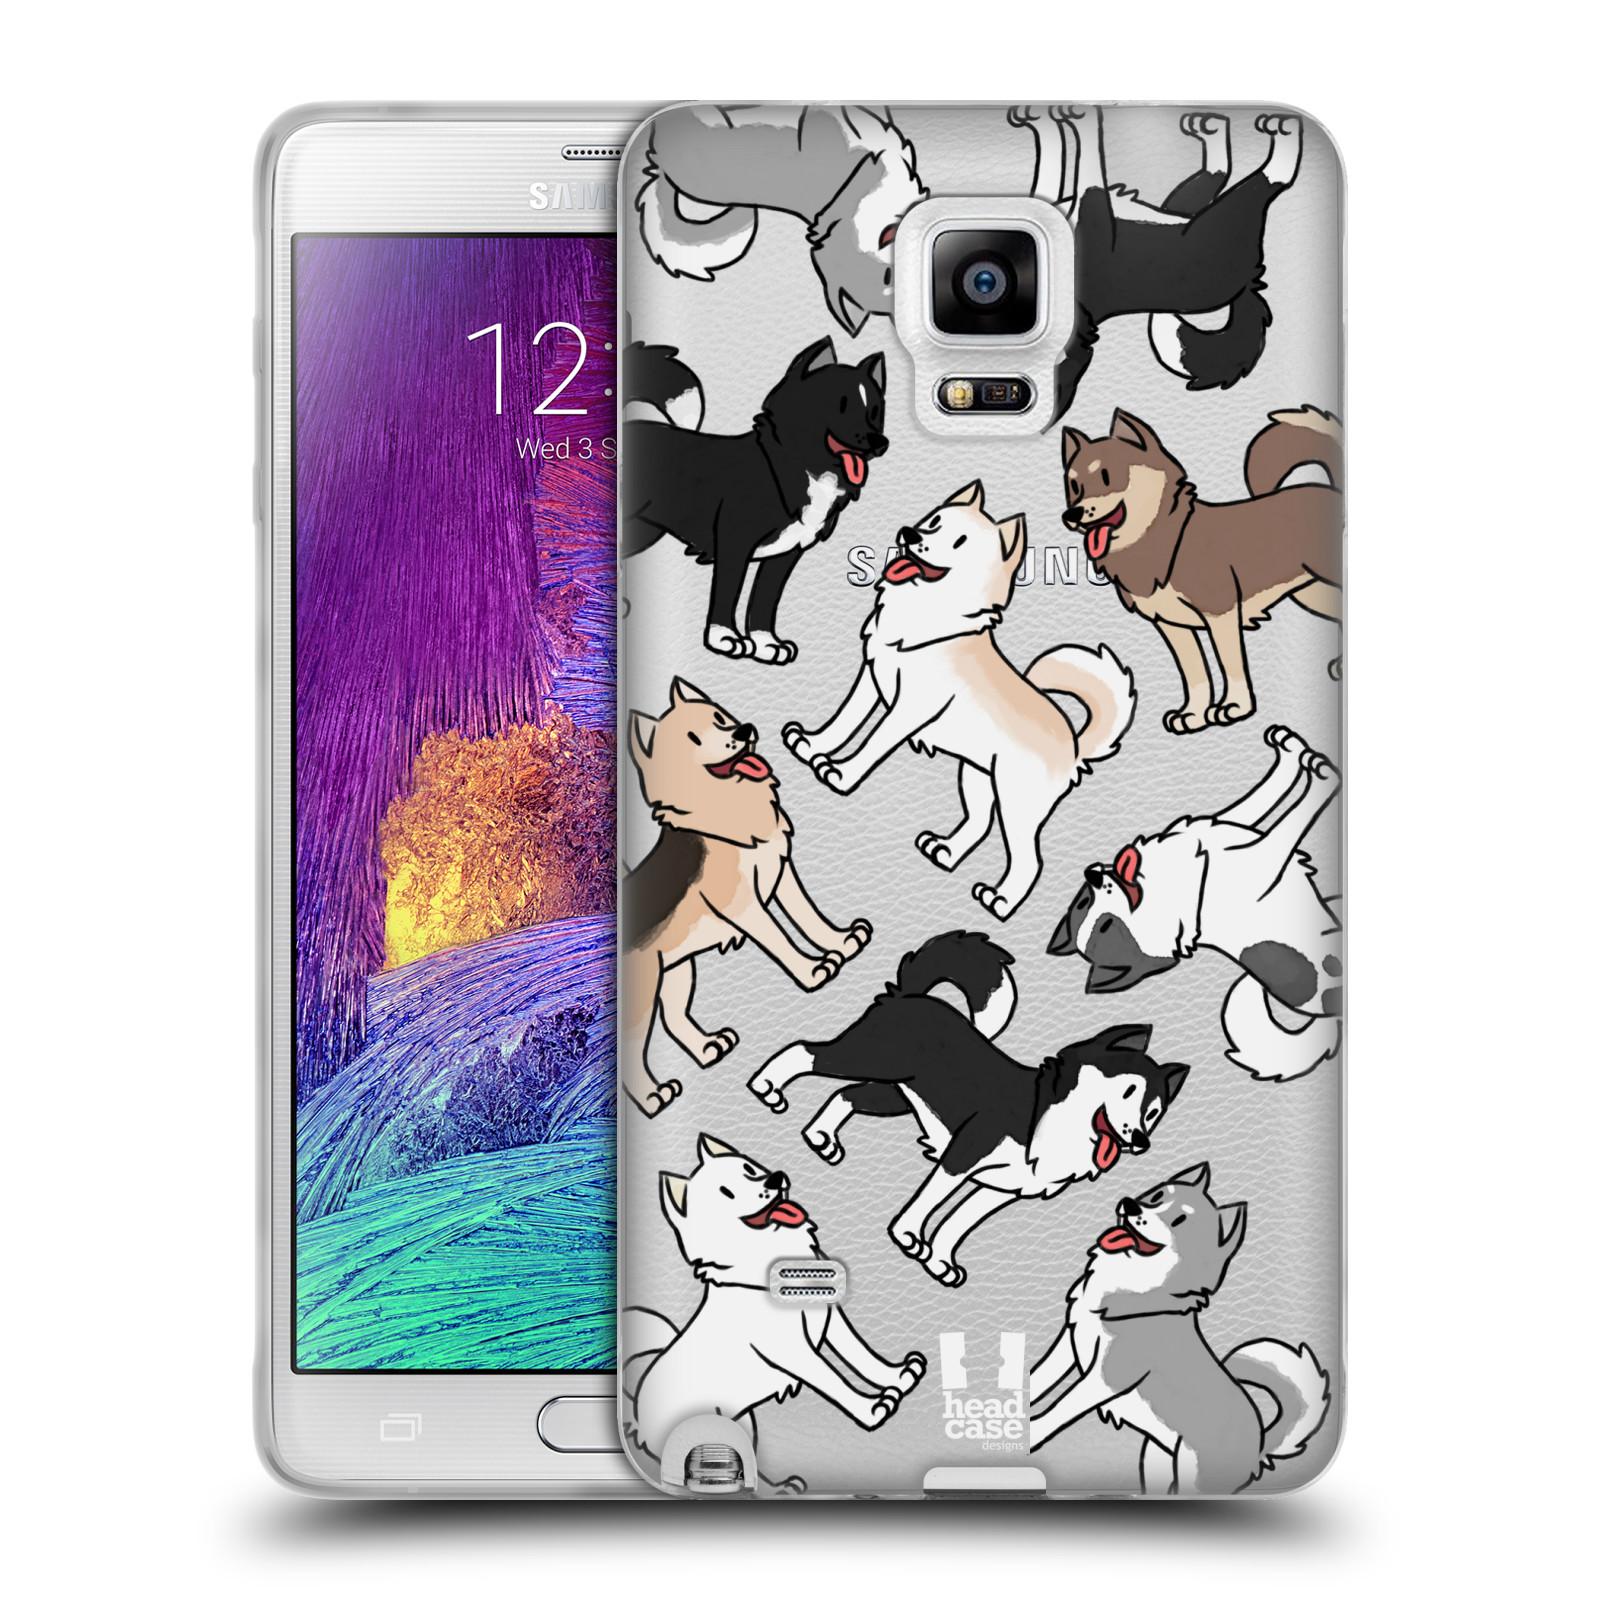 HEAD CASE silikonový obal na mobil Samsung Galaxy Note 4 pejsek Sibiřský husky